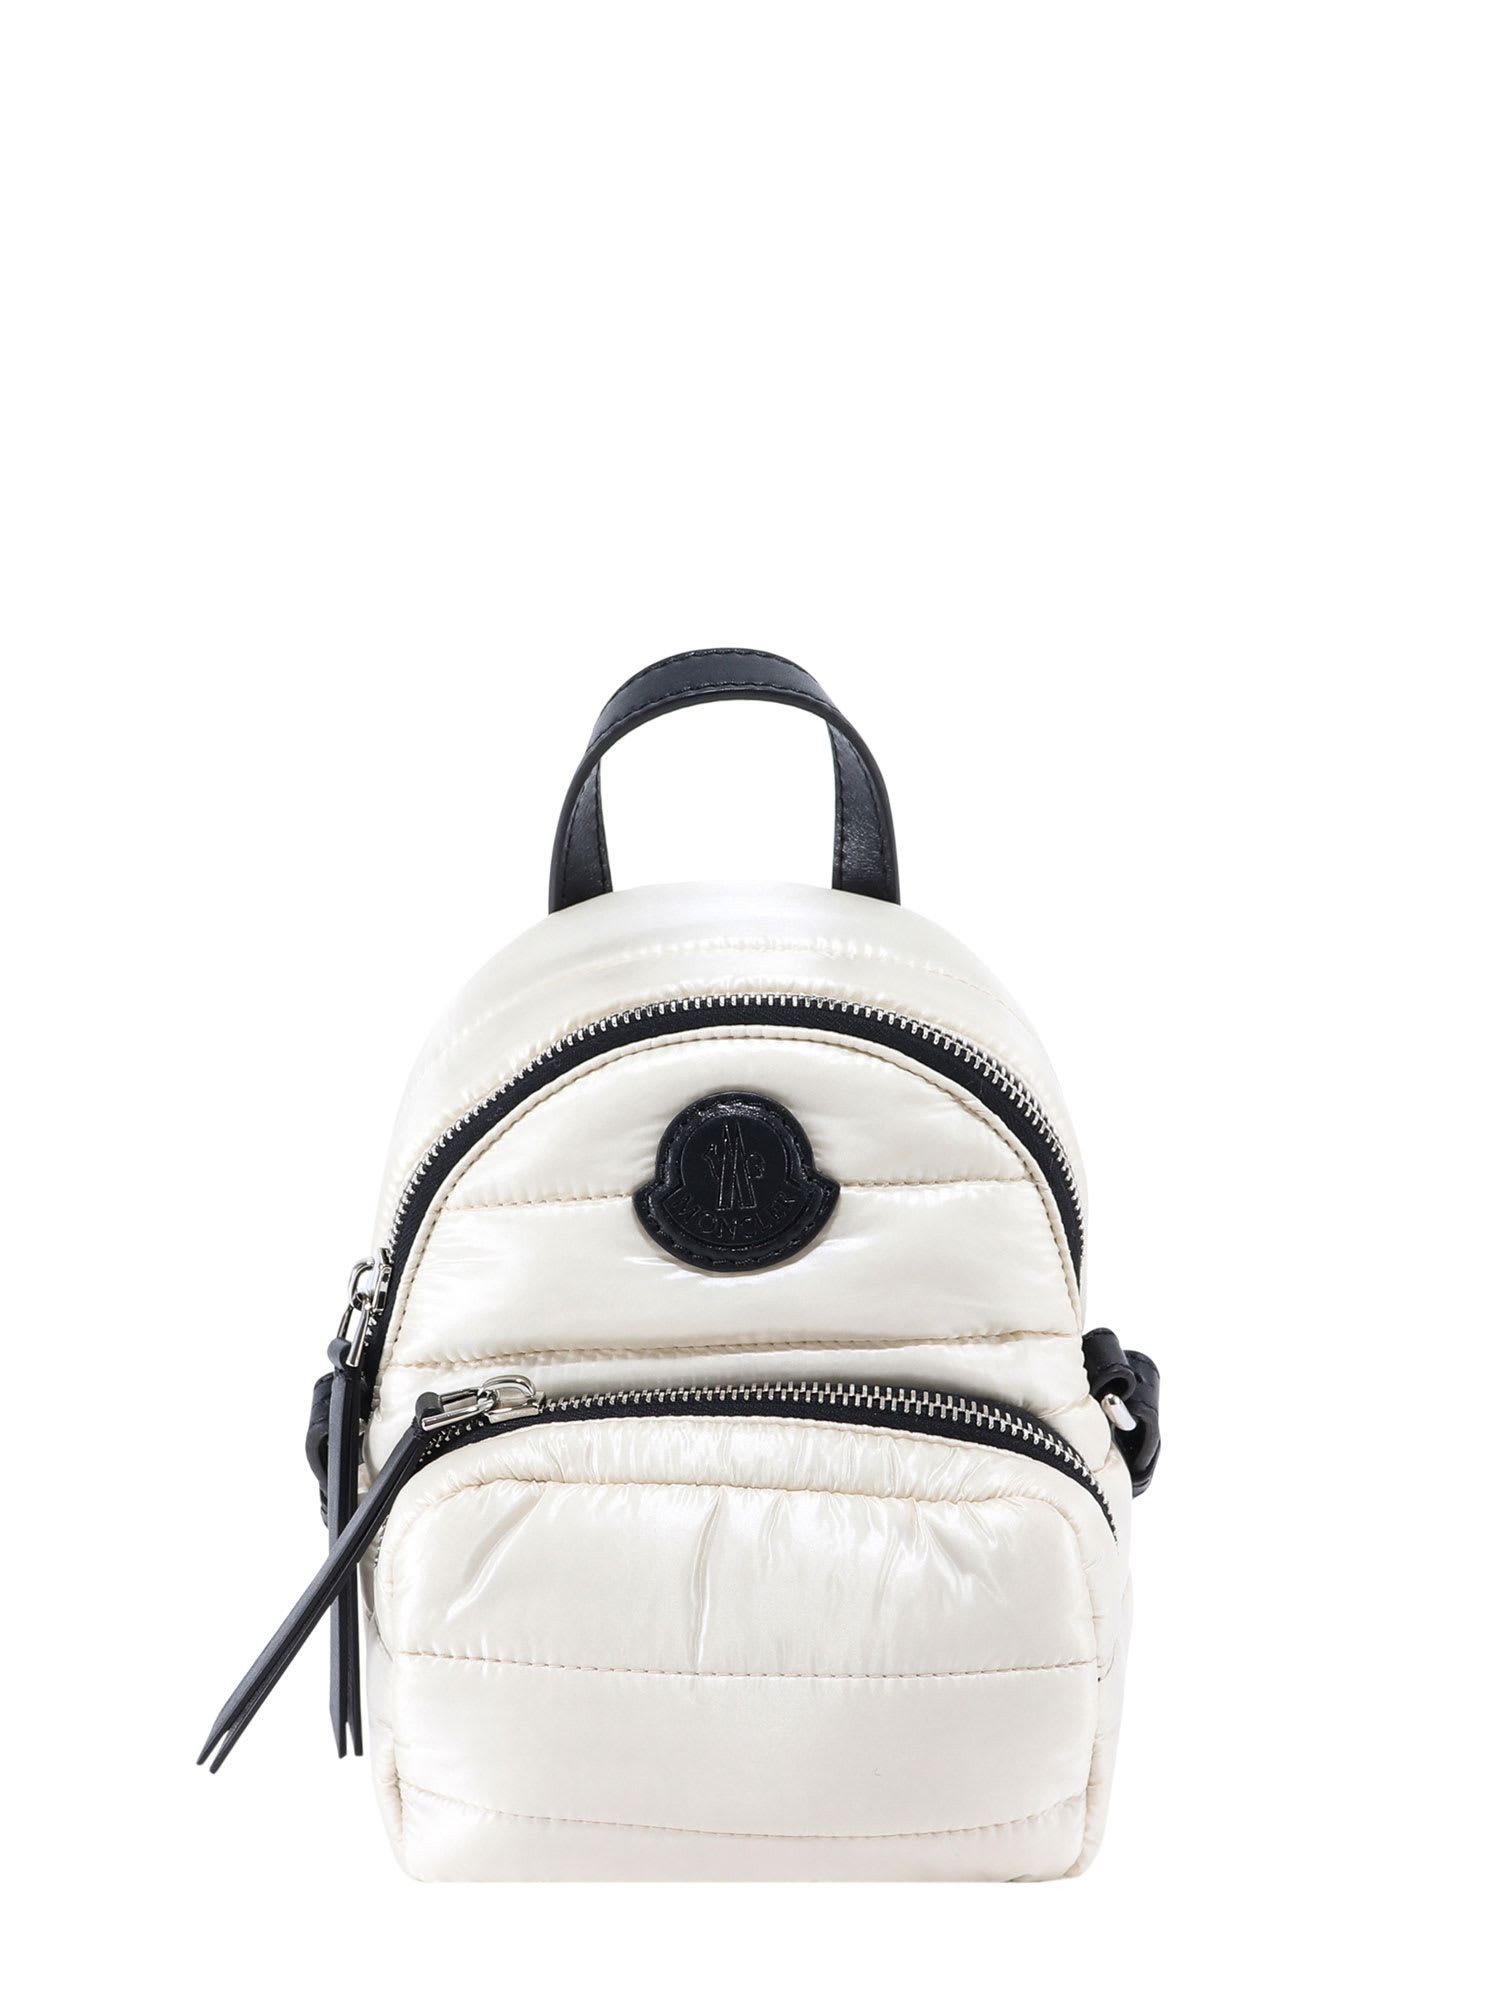 Moncler SHOULDER BAG